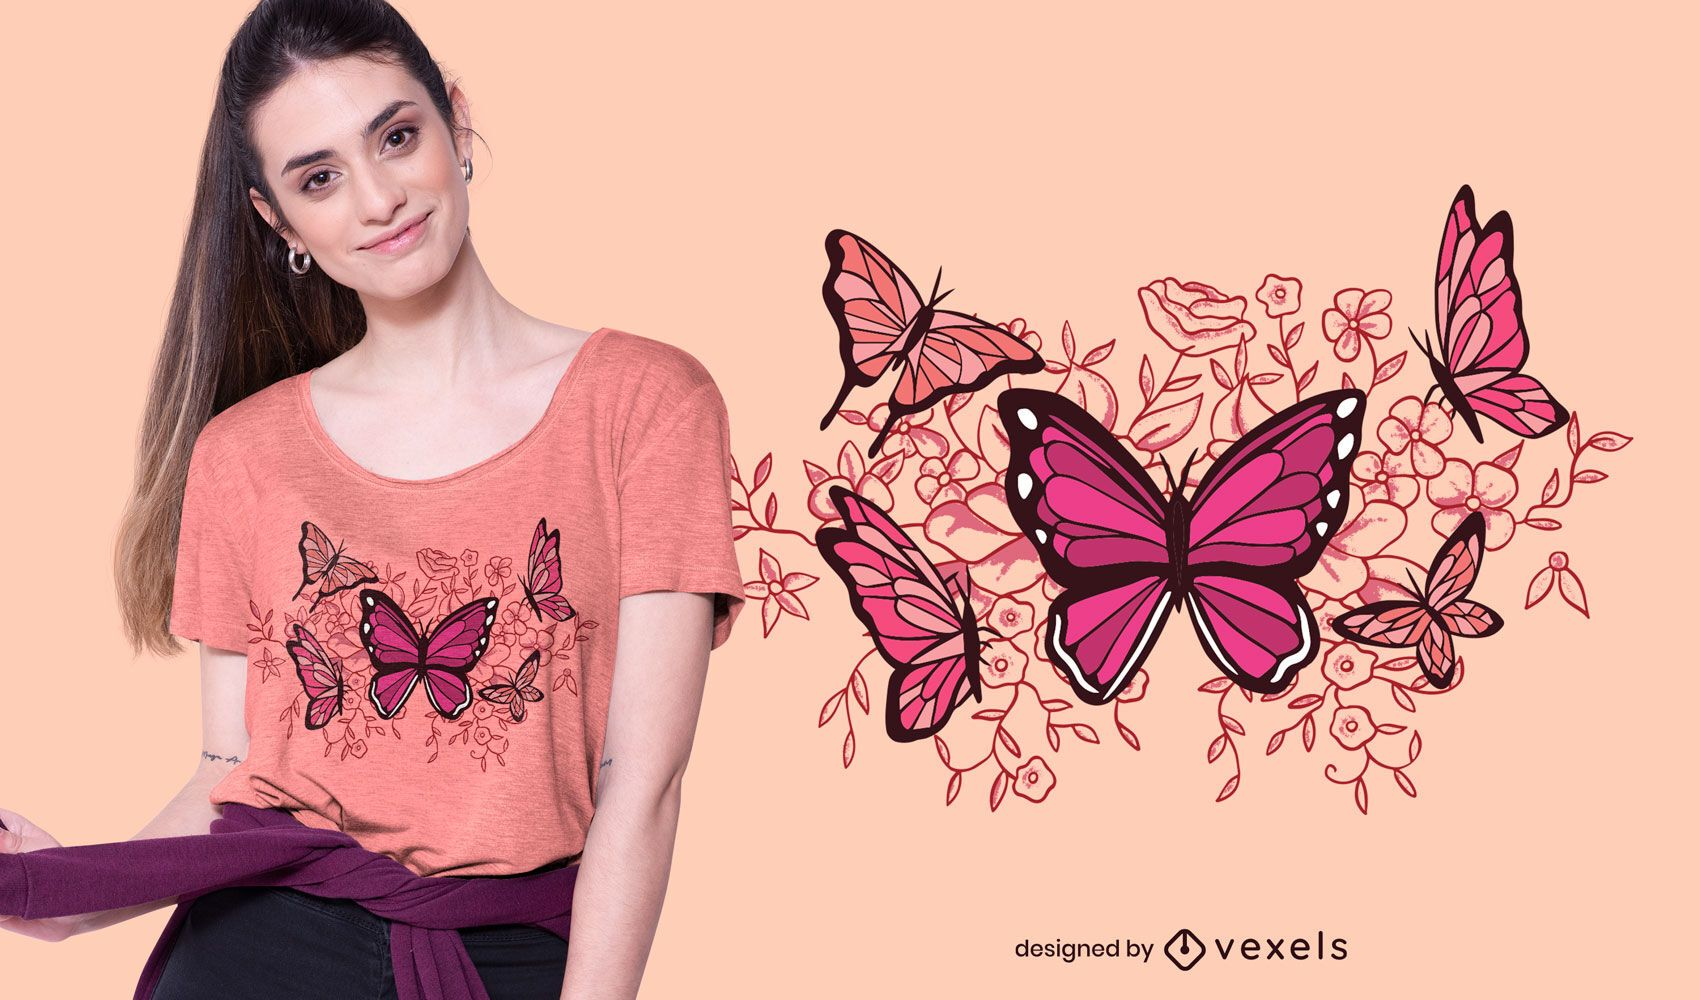 Dise?o de camiseta de mariposas y flores.